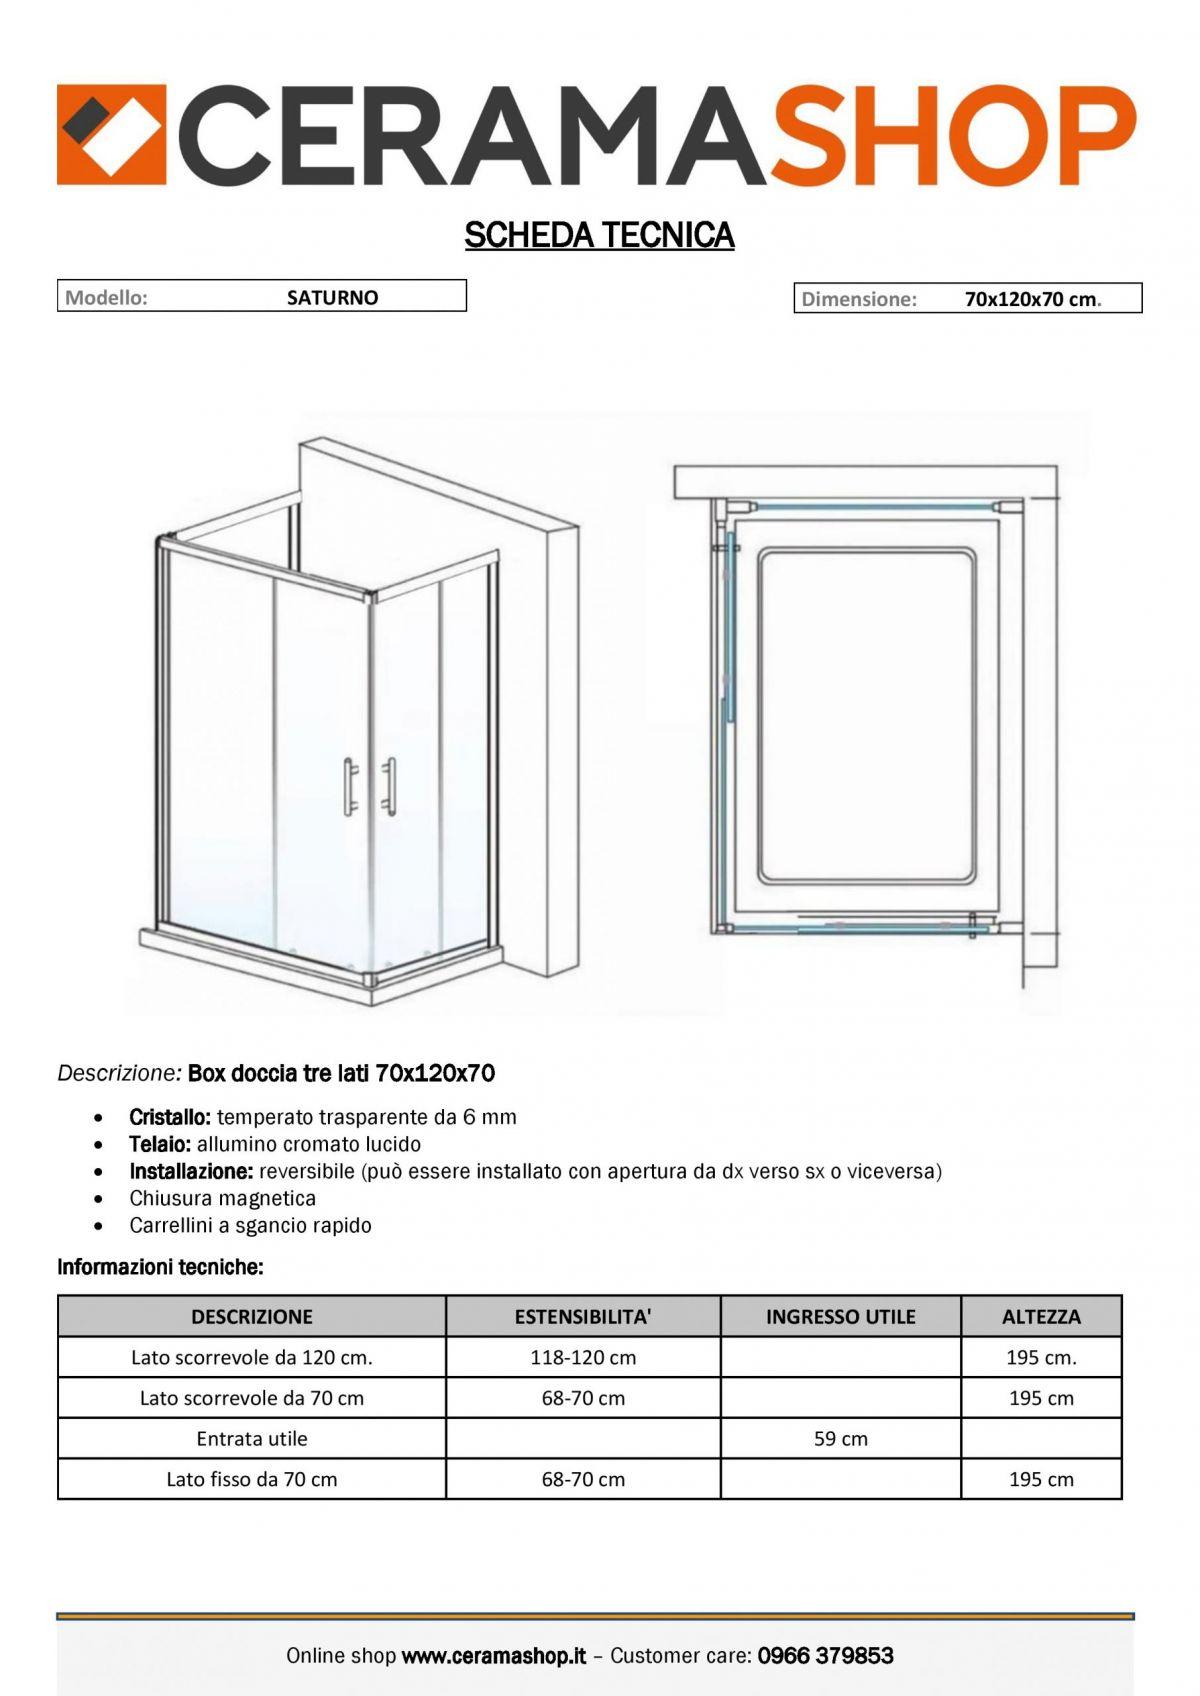 """70x120x70 0001 scaled Box doccia tre lati """"Saturno"""" 70x120x70 cm scorrevole cristallo trasparente 6 mm"""